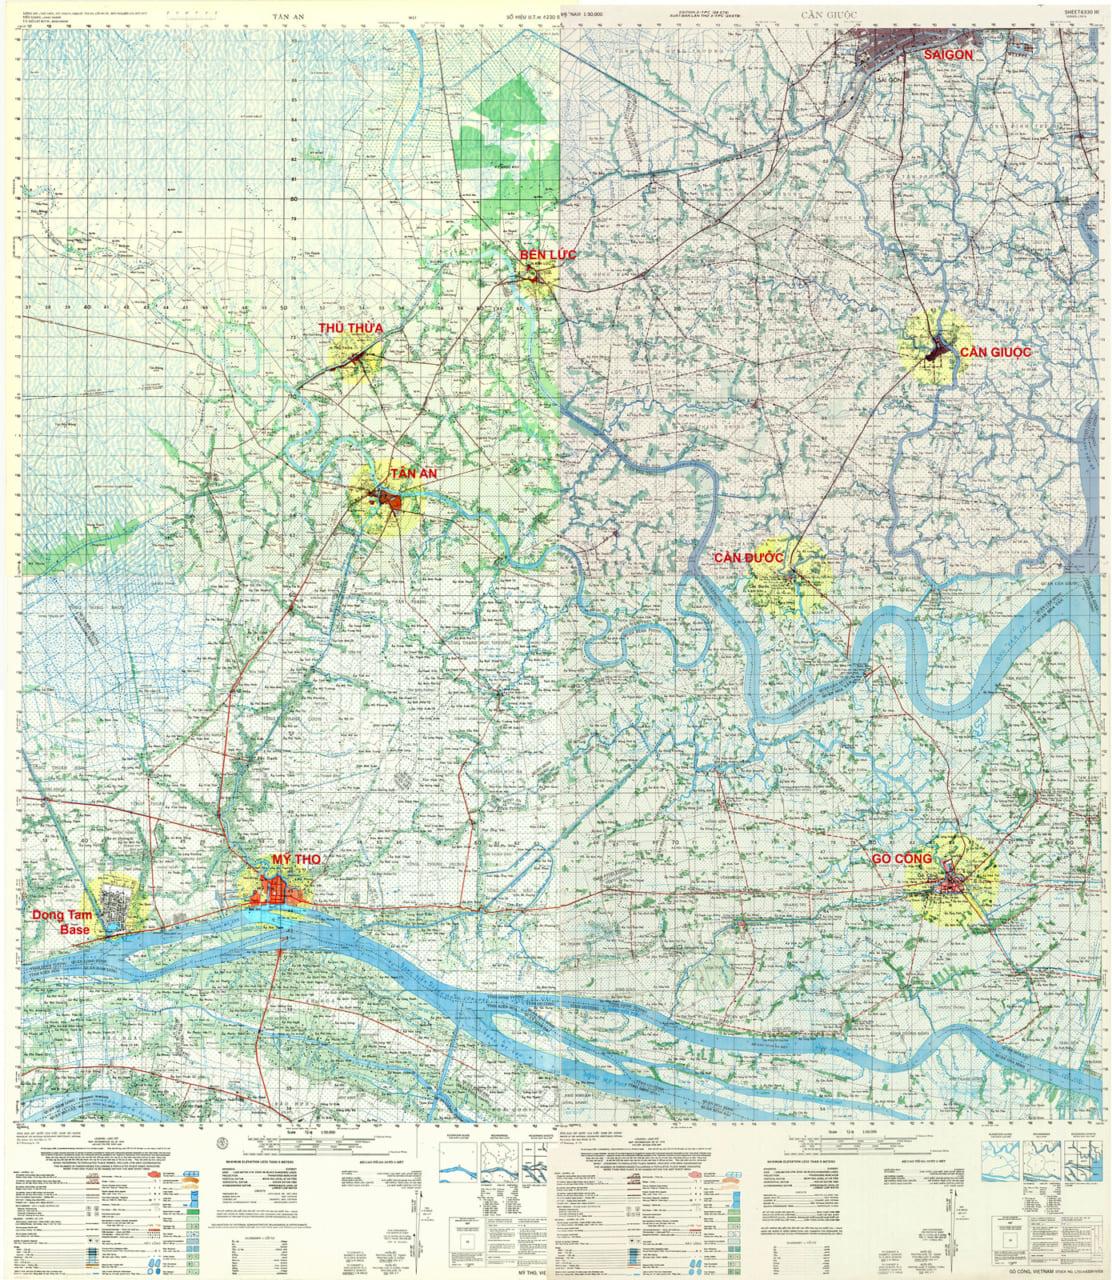 Bản đồ Chợ Lớn - Bến Lức - Thủ Thửa - Tần An - Mỹ Tho - Cần Giuộc - Cần Đước - Gò Công